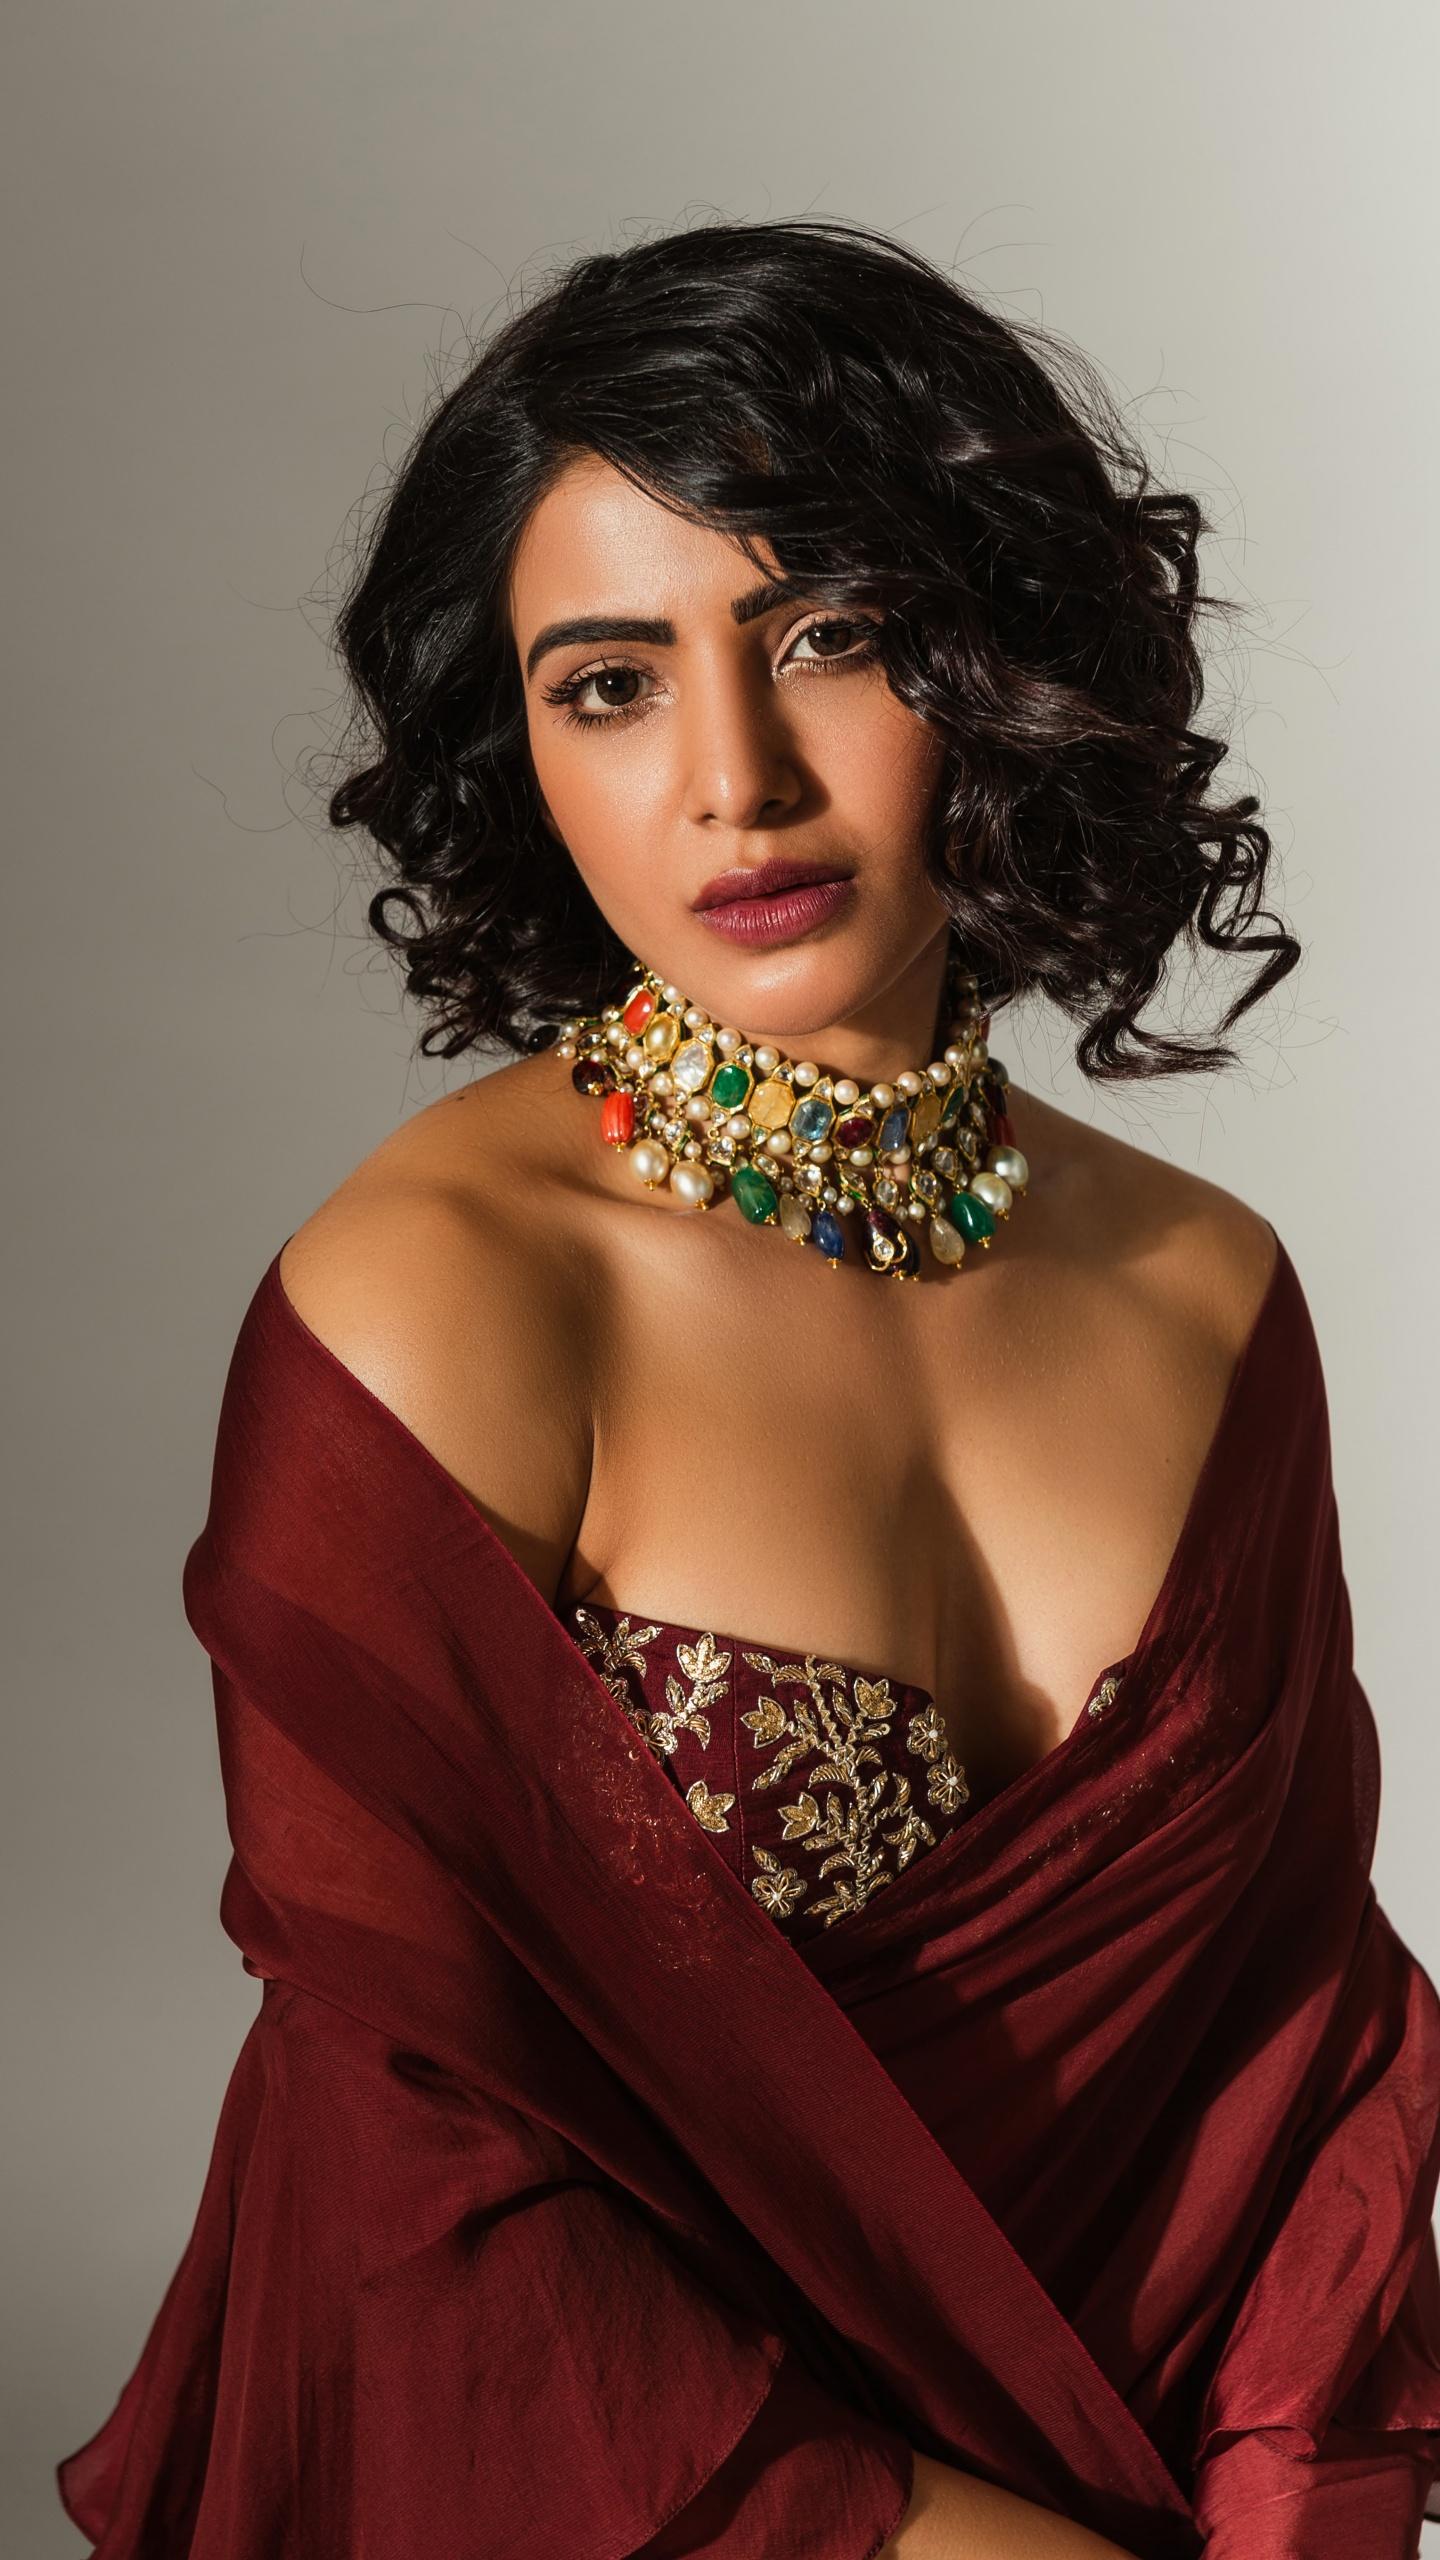 Samantha 4K Wallpaper, Hot actress, Indian actress, Tamil actress, People, #2221